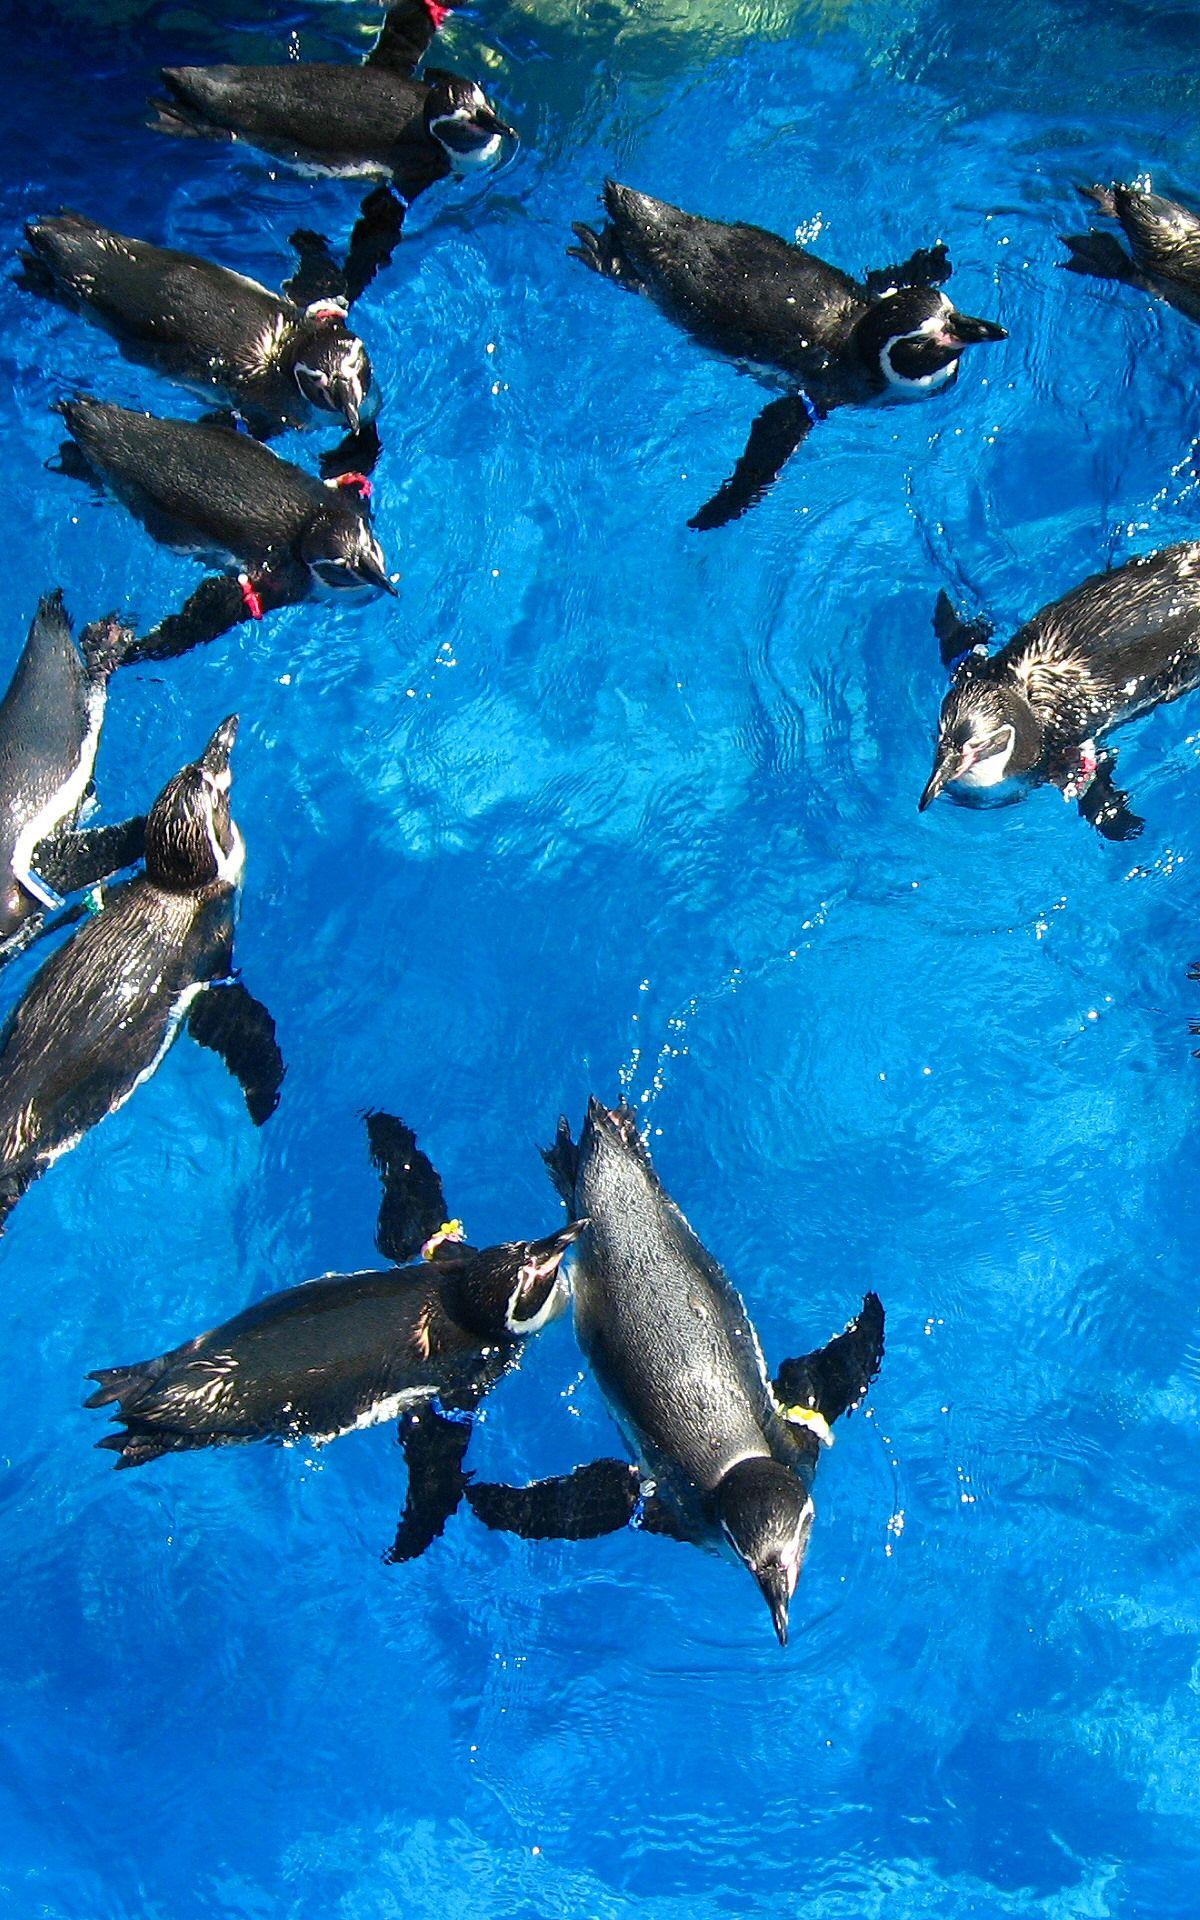 アクアワールド大洗水族館 フンボルトペンギン フンボルトペンギン 動物 水族館